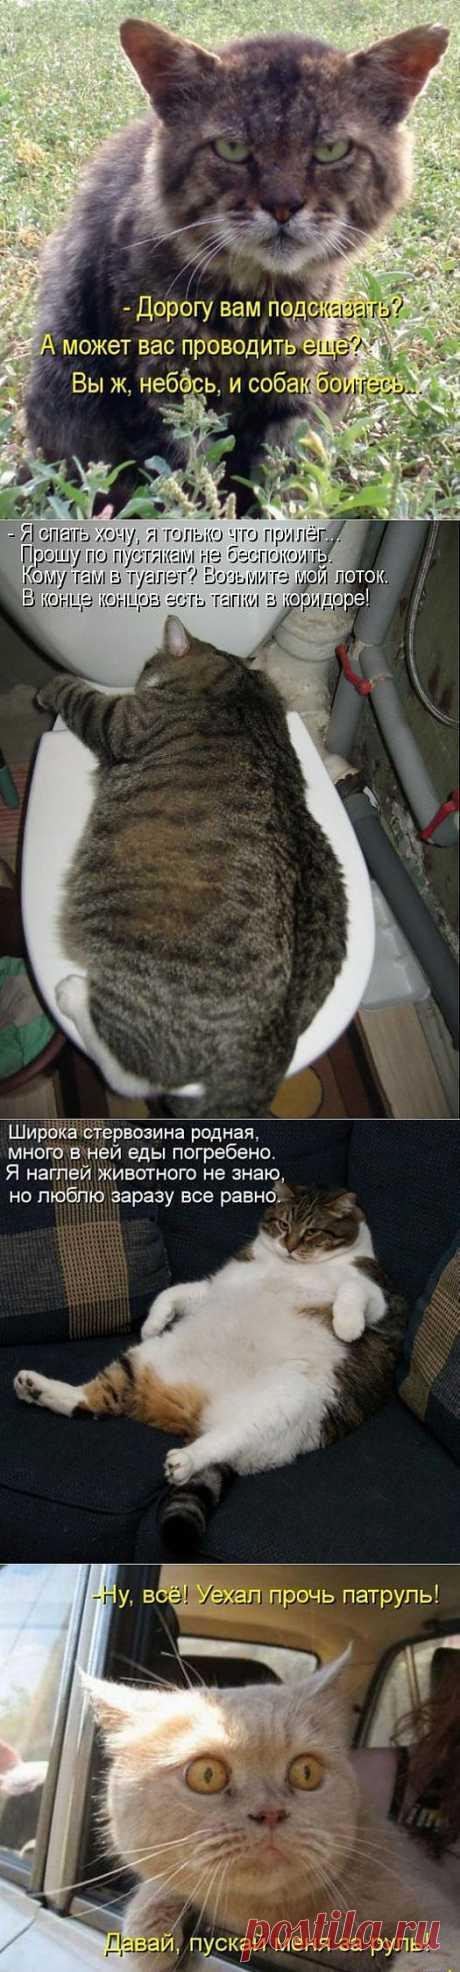 Котодром (15.09.13) | SOFTMIXER